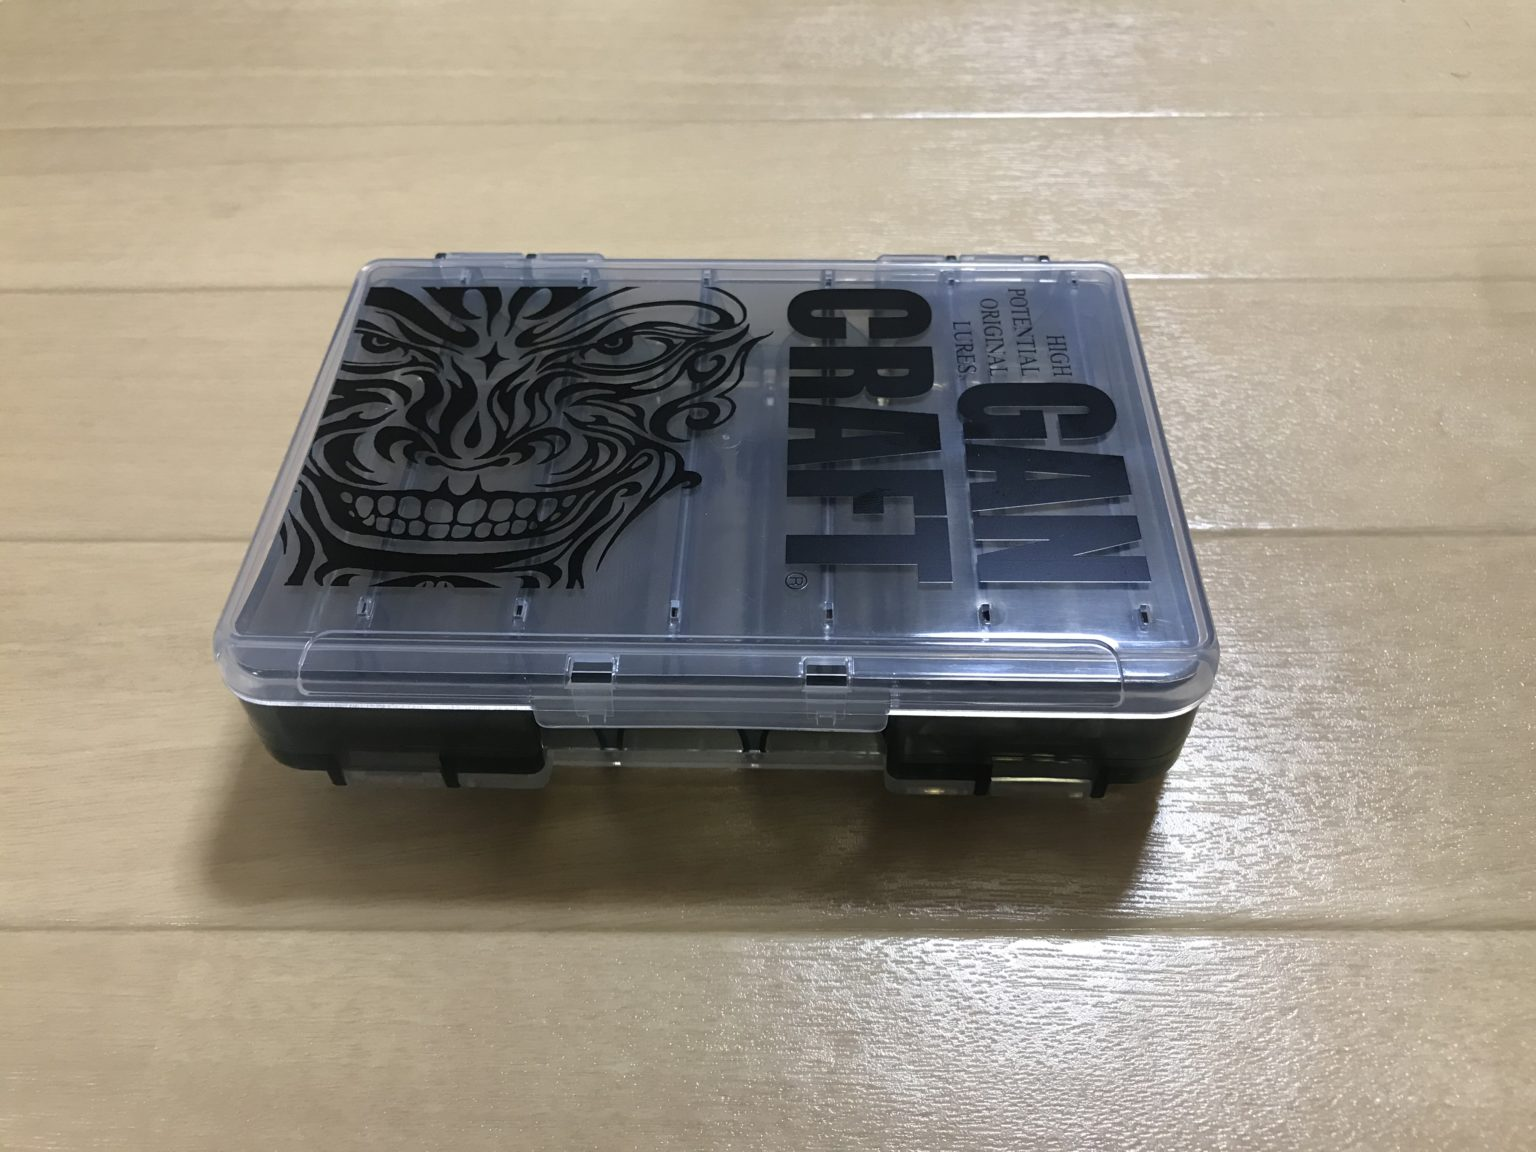 フェイスロゴリバーシブルボックス S-1